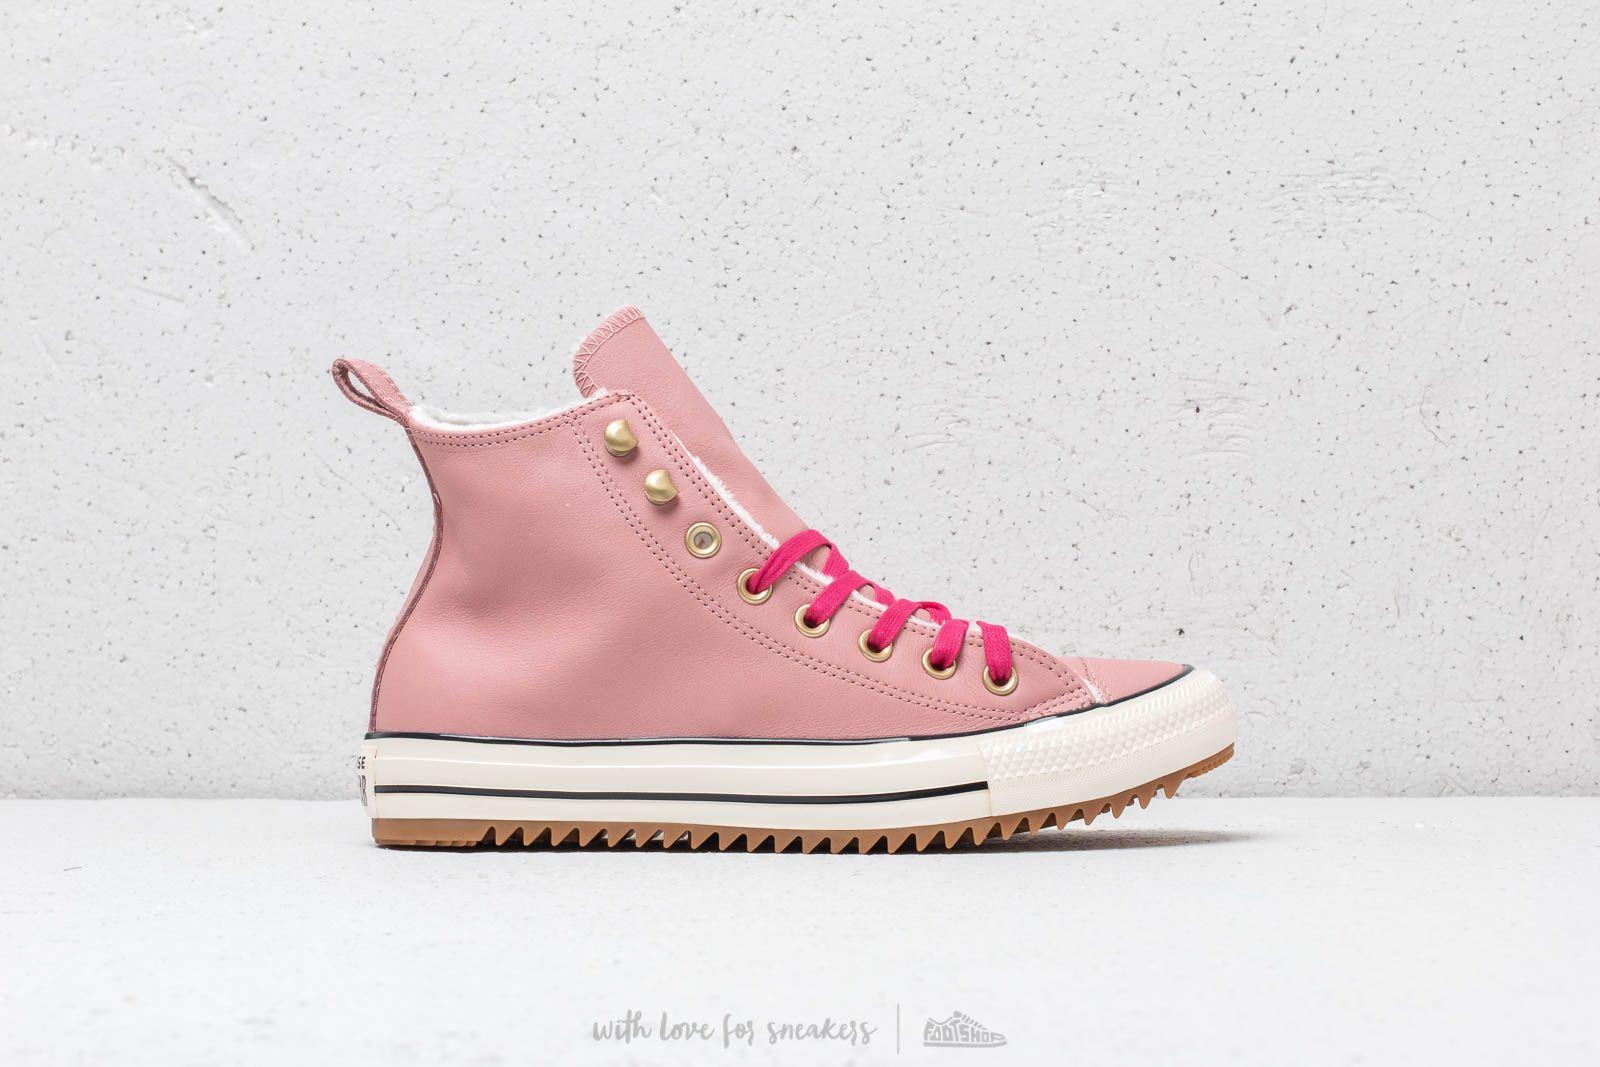 Converse Chuck Taylor All Stars Hiker Boot High Rust Pink